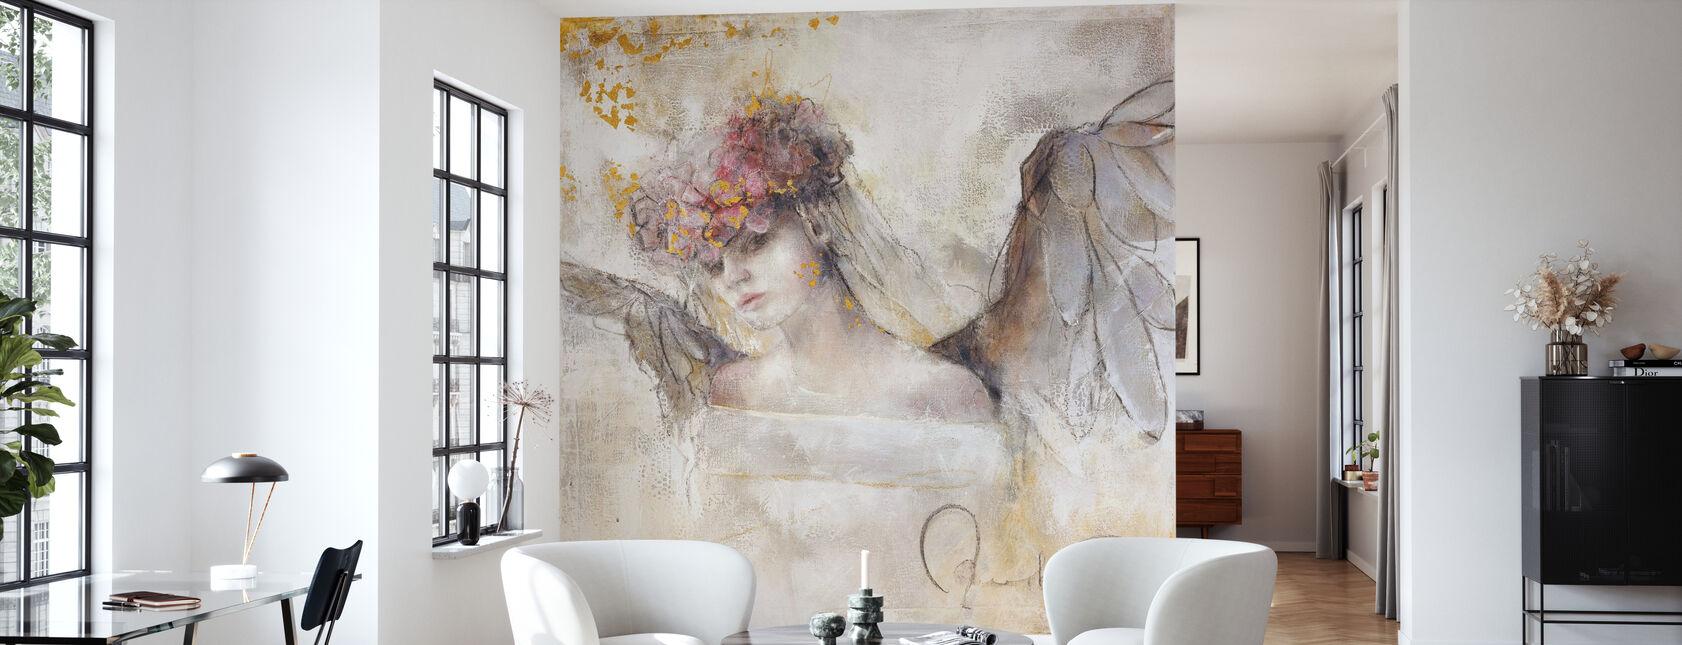 Flower angel - Wallpaper - Living Room